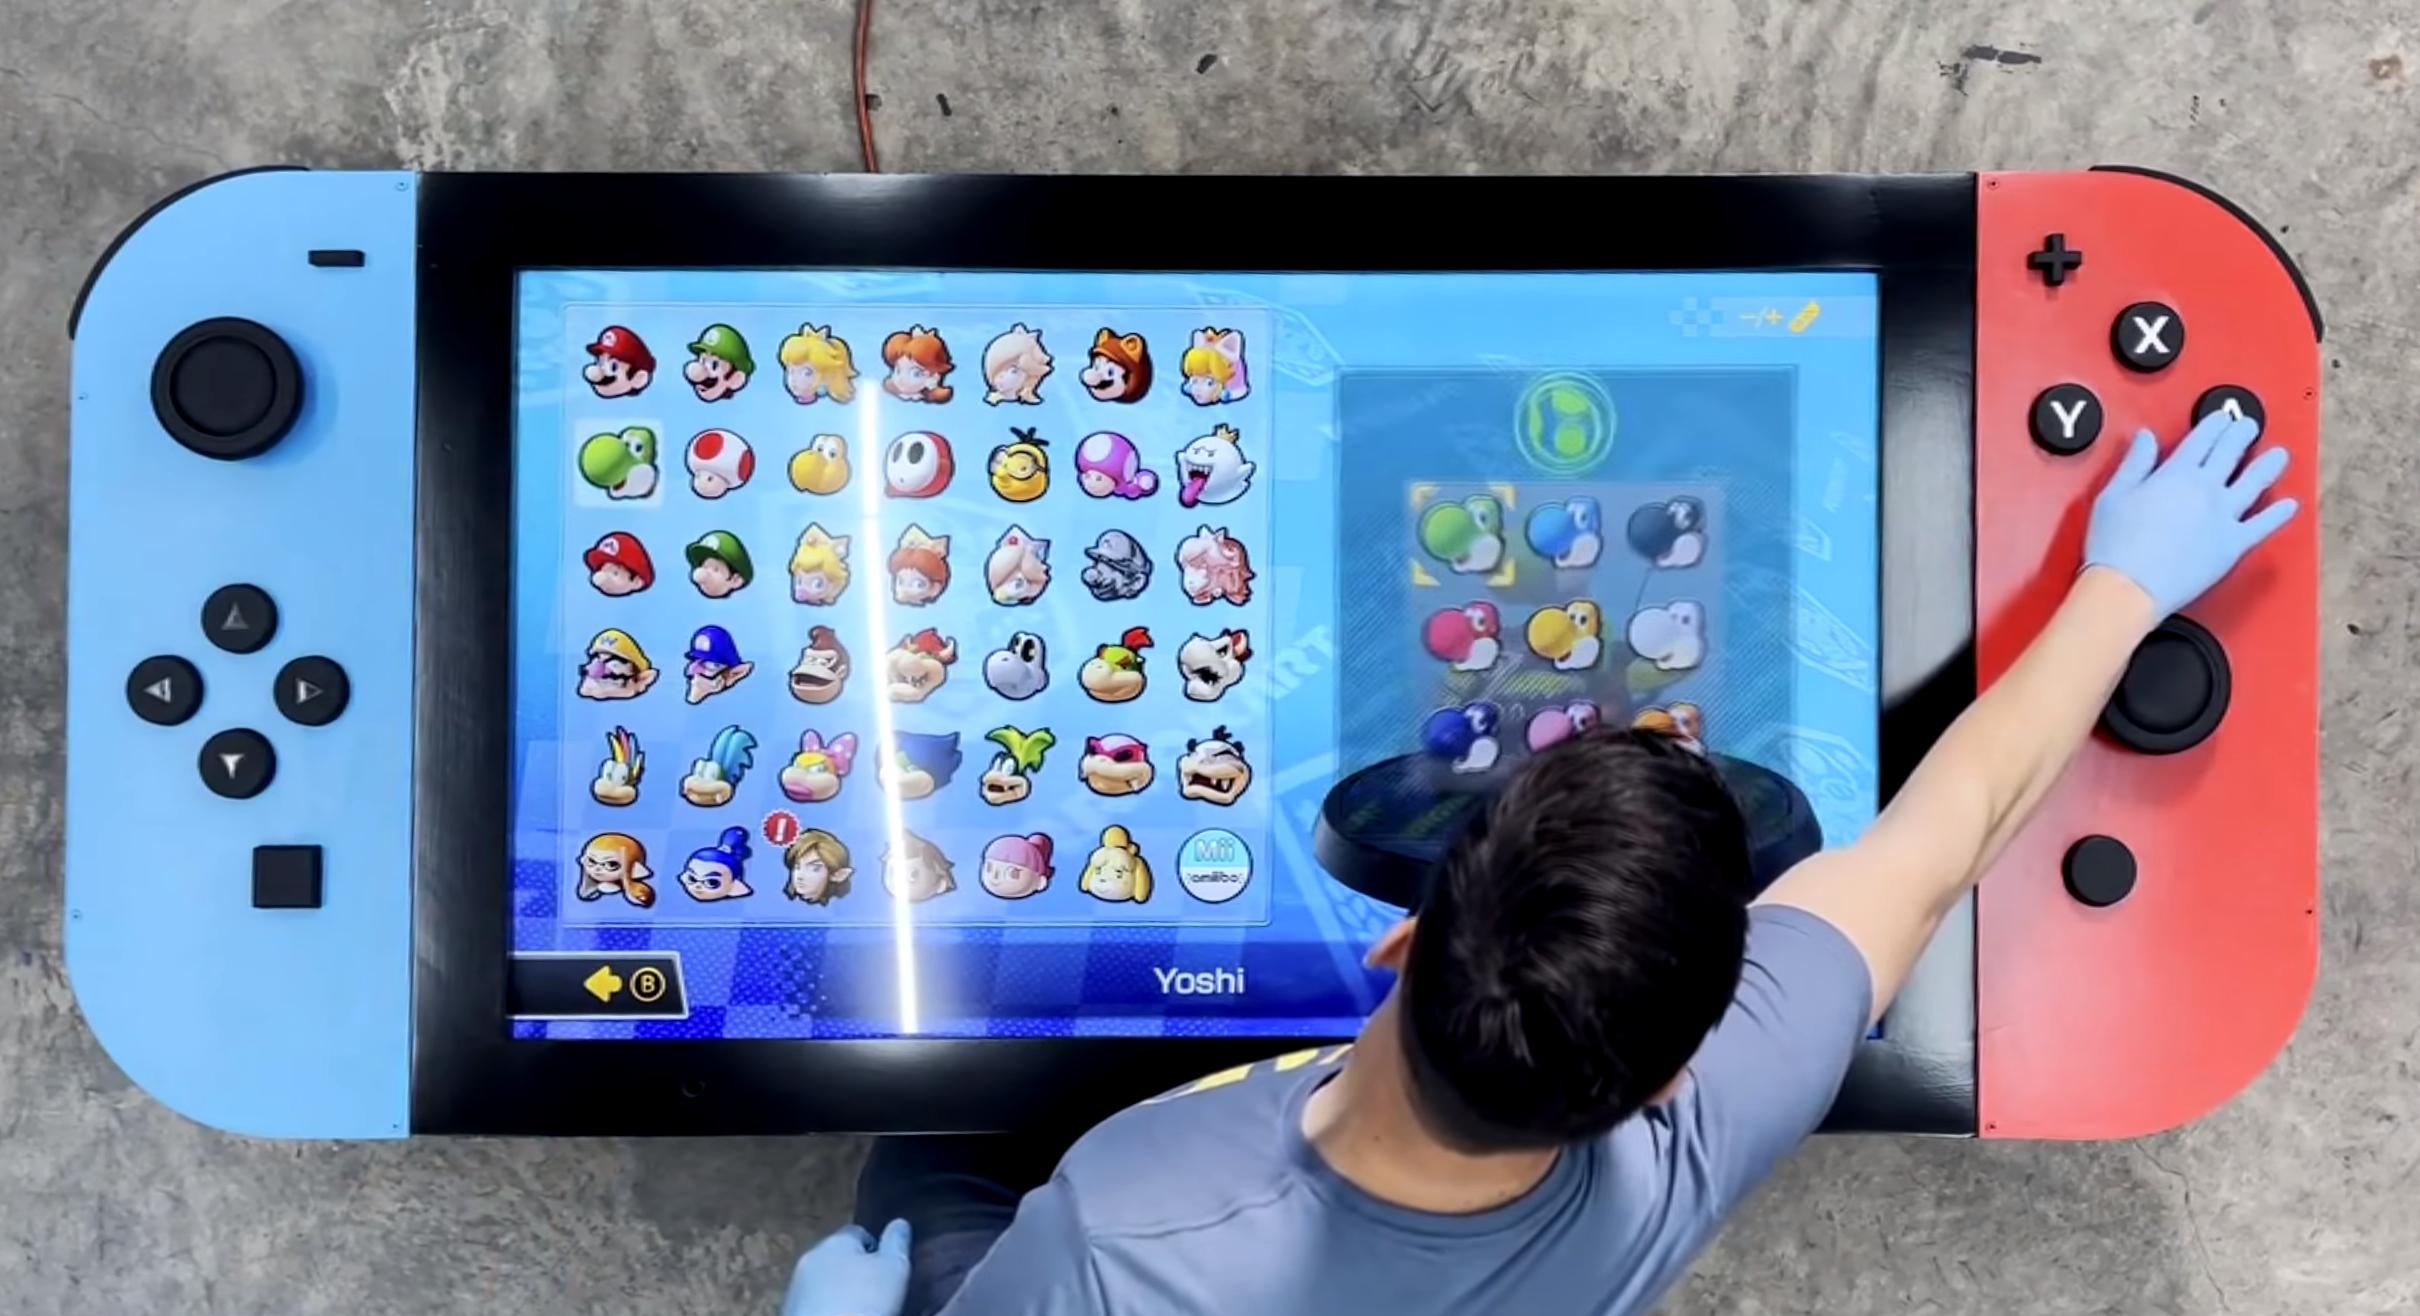 Un ingénieur crée la Nintendo Switch «la plus grande du monde» 100% fonctionnelle